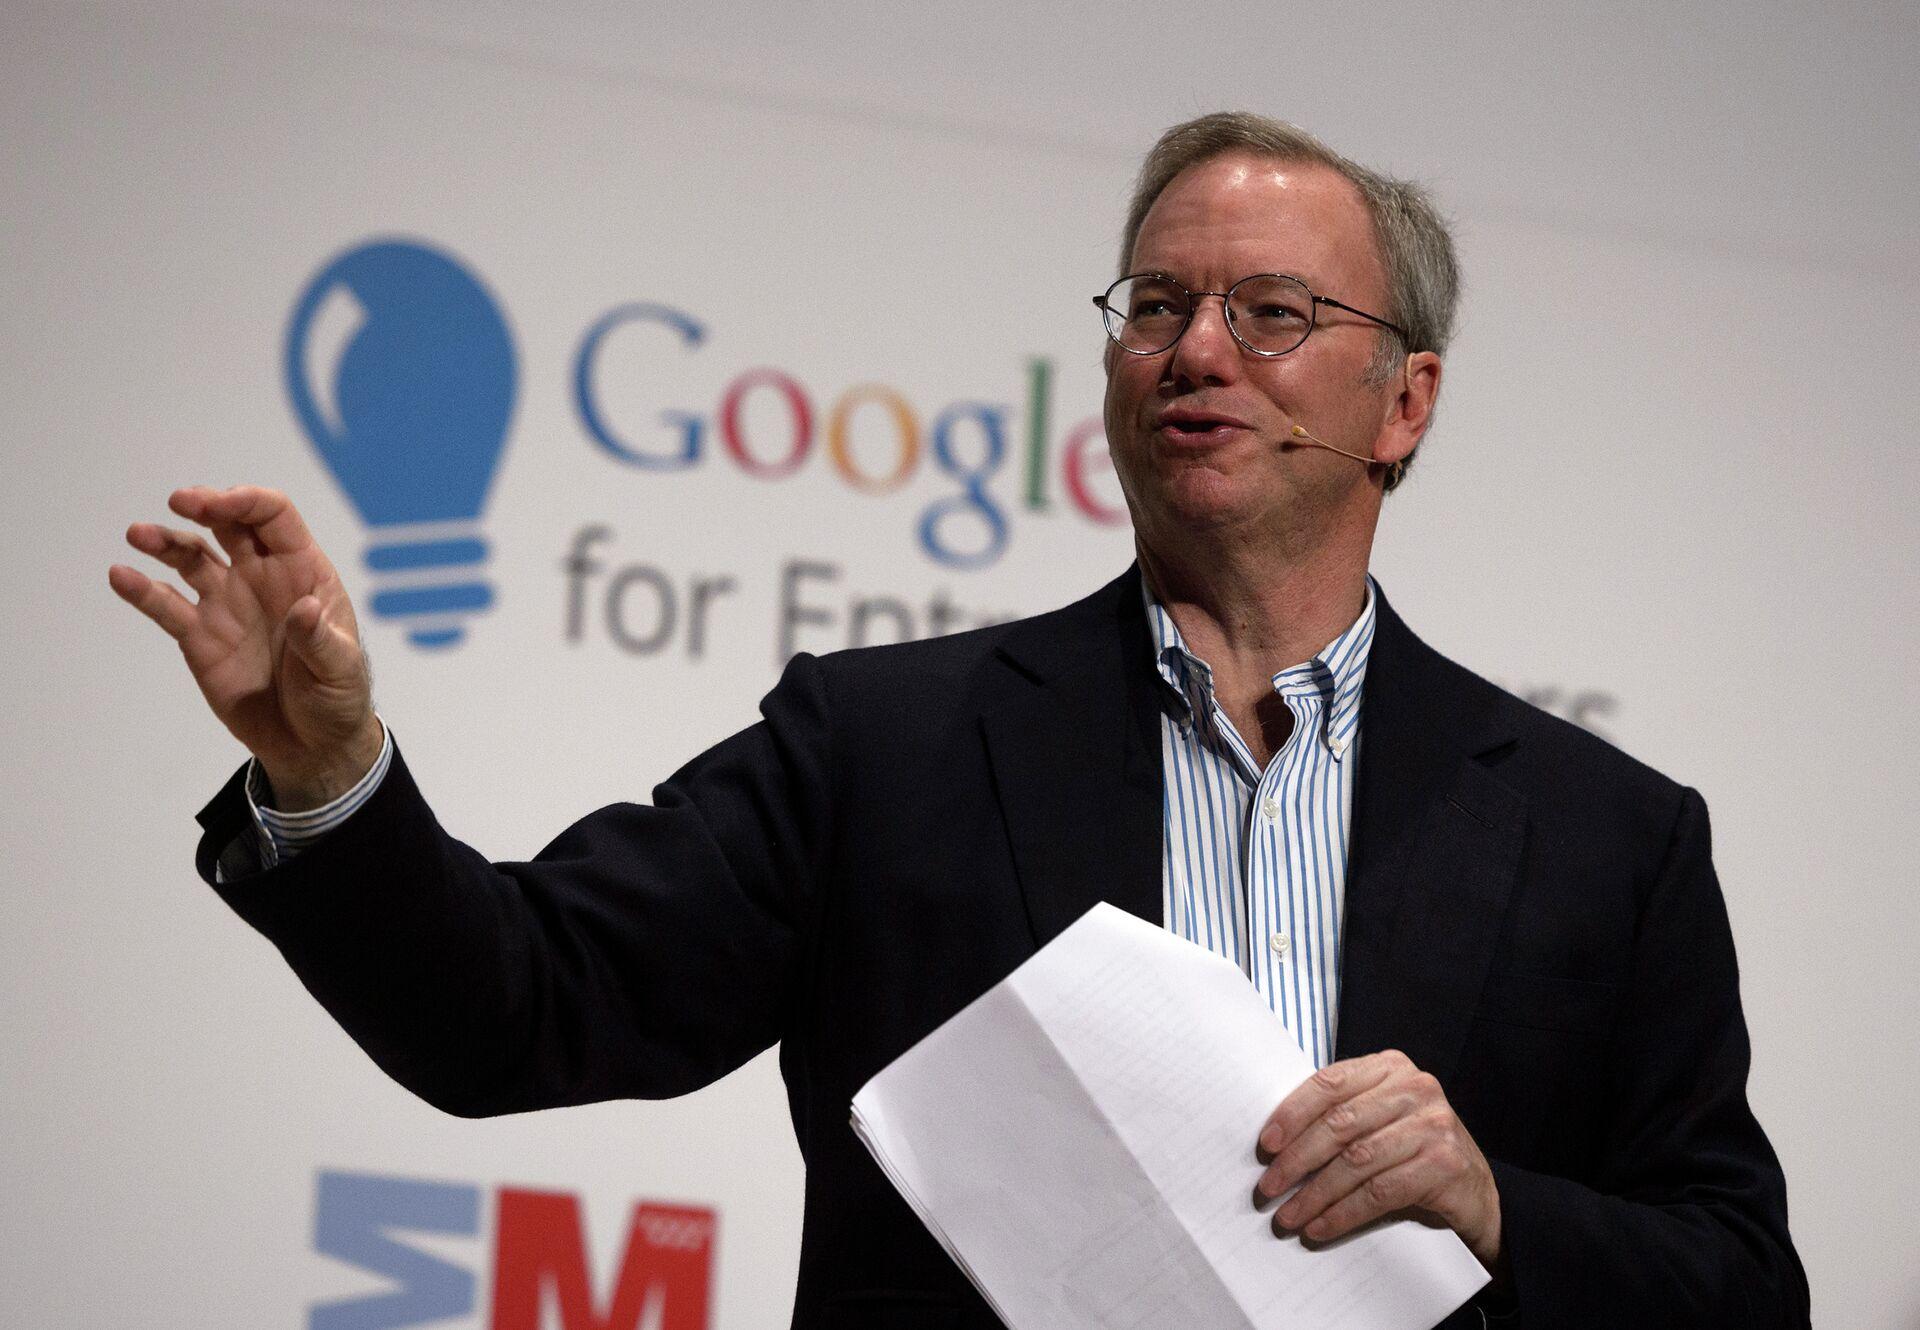 Cựu giám đốc Google, người đứng đầu Ủy ban An ninh về Trí tuệ Nhân tạo Eric Schmidt - Sputnik Việt Nam, 1920, 05.10.2021